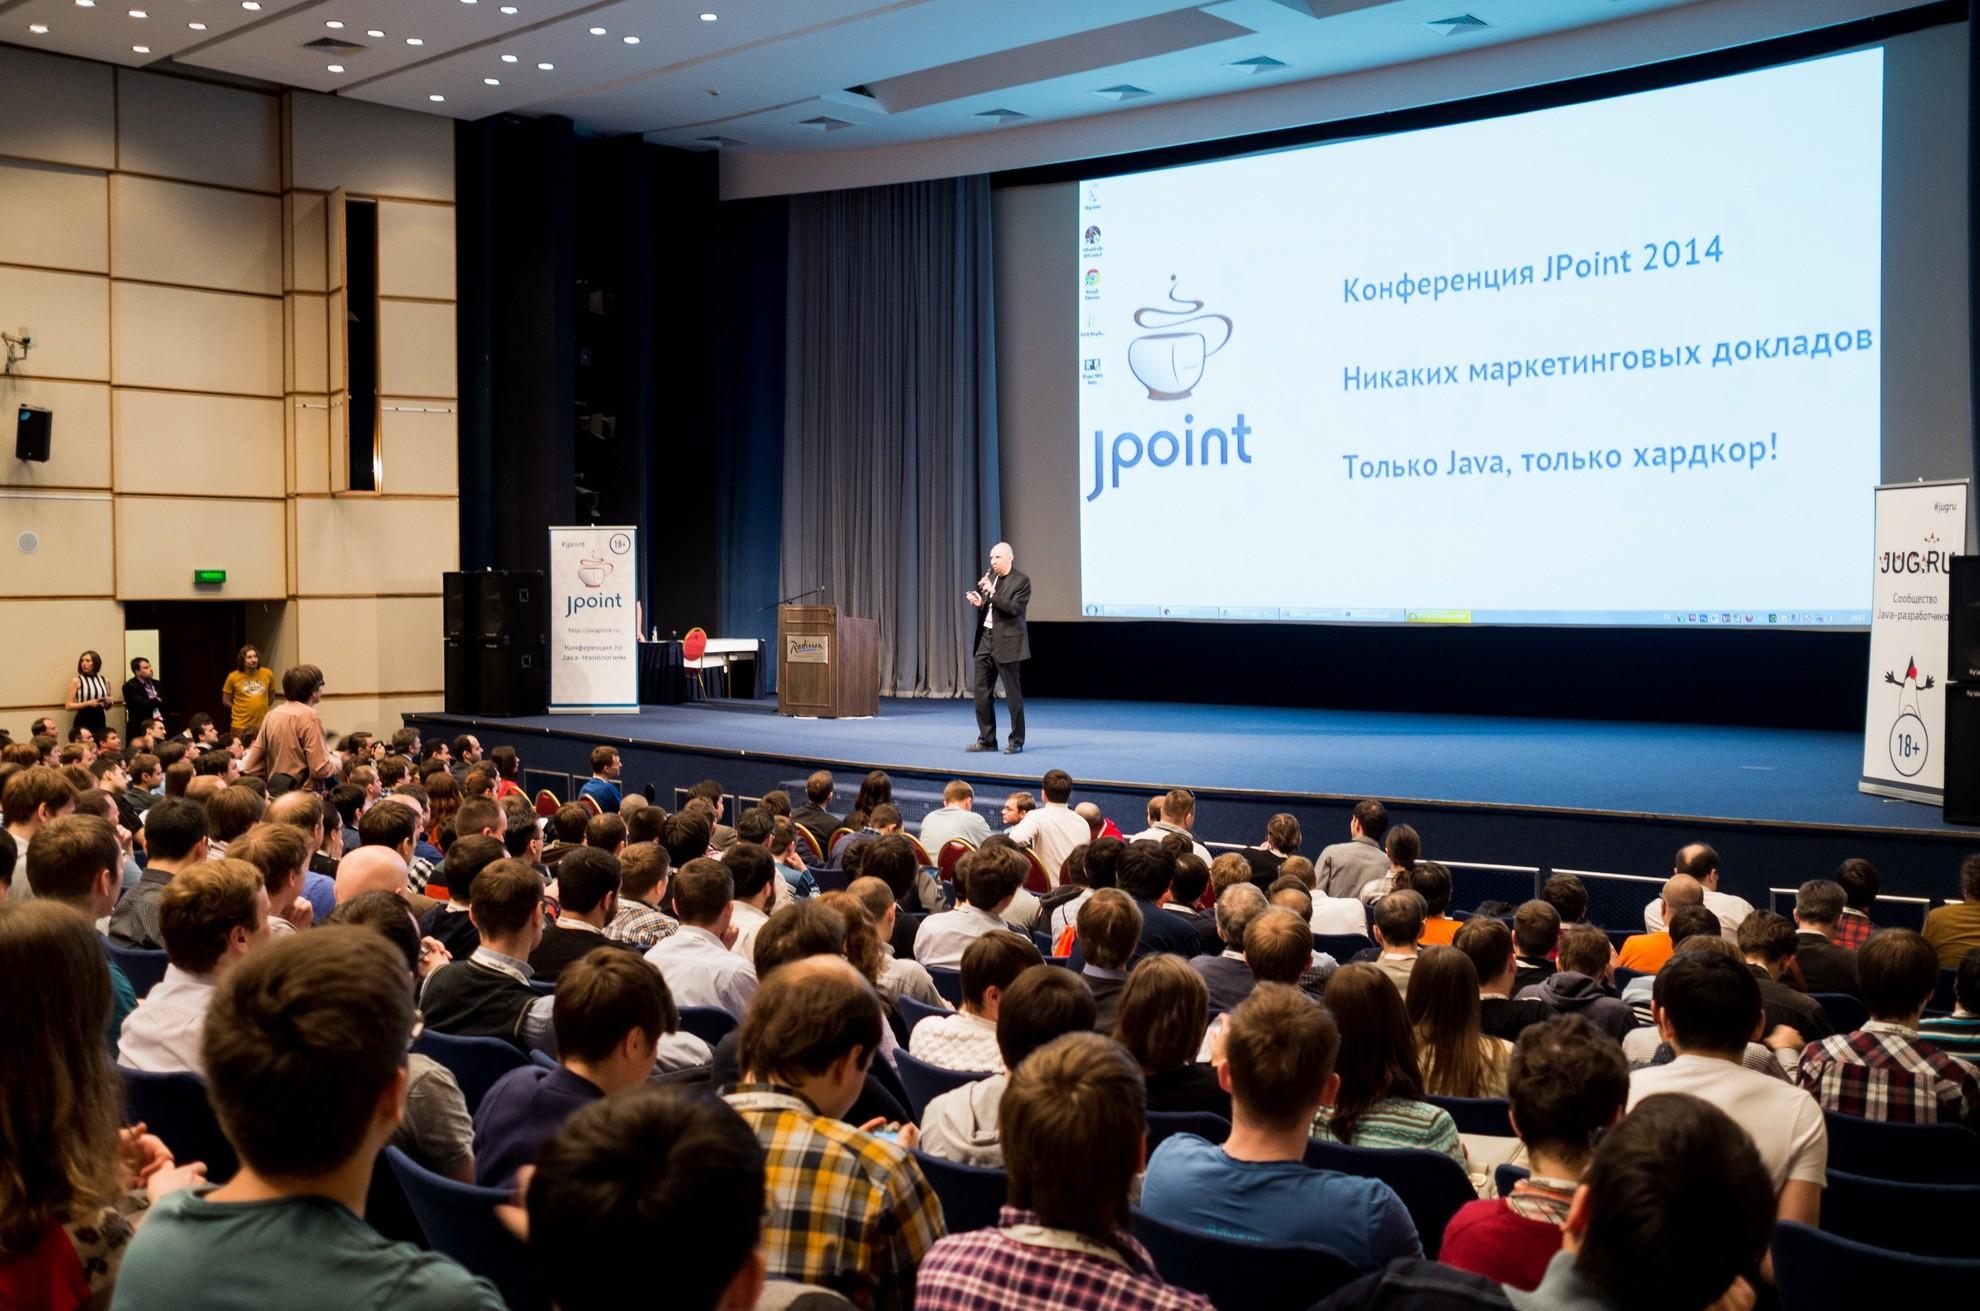 ОДНОКЛАССНИКИ на конференции Jpoint 2014